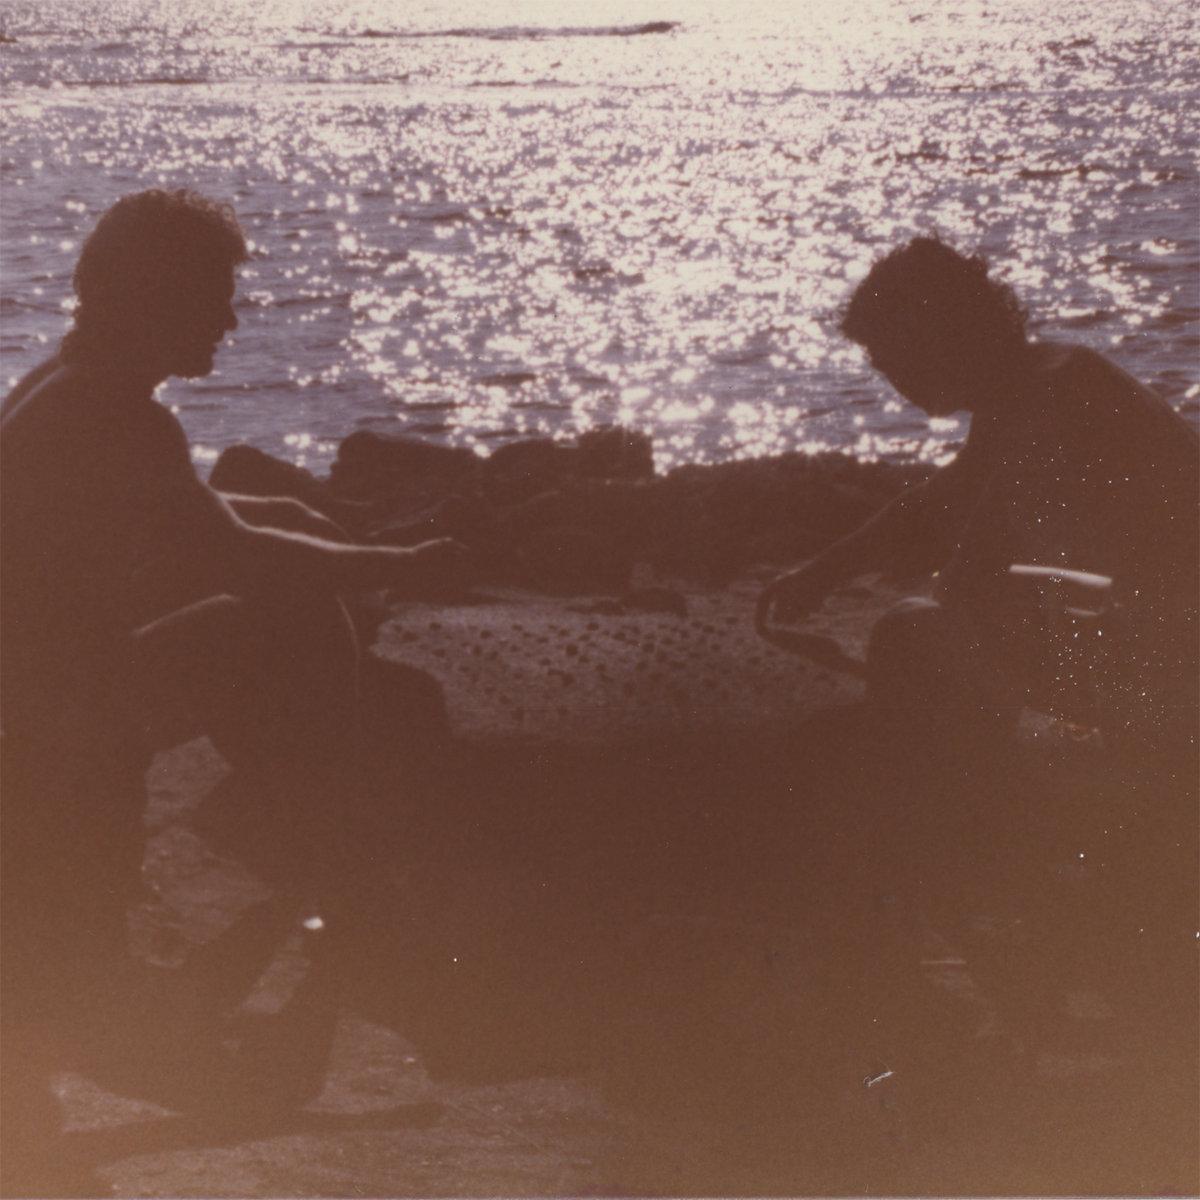 Seahaven's album Reverie Lagoon